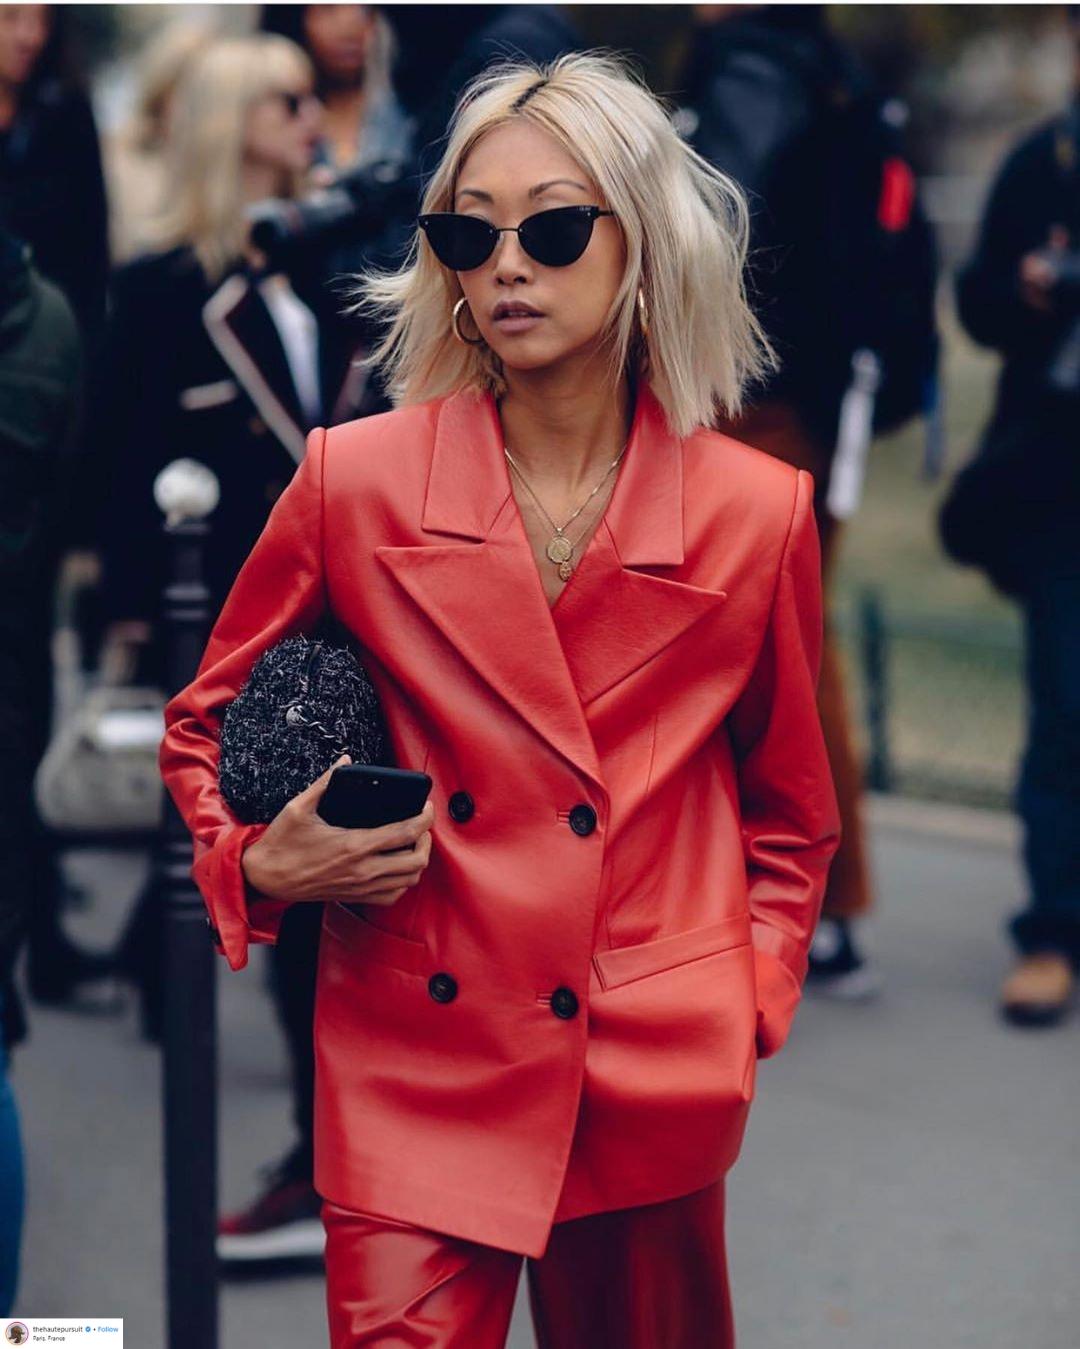 fashion influencer sở hữu phong cách thời trang và khả năng kinh doanh ấn tượng 11